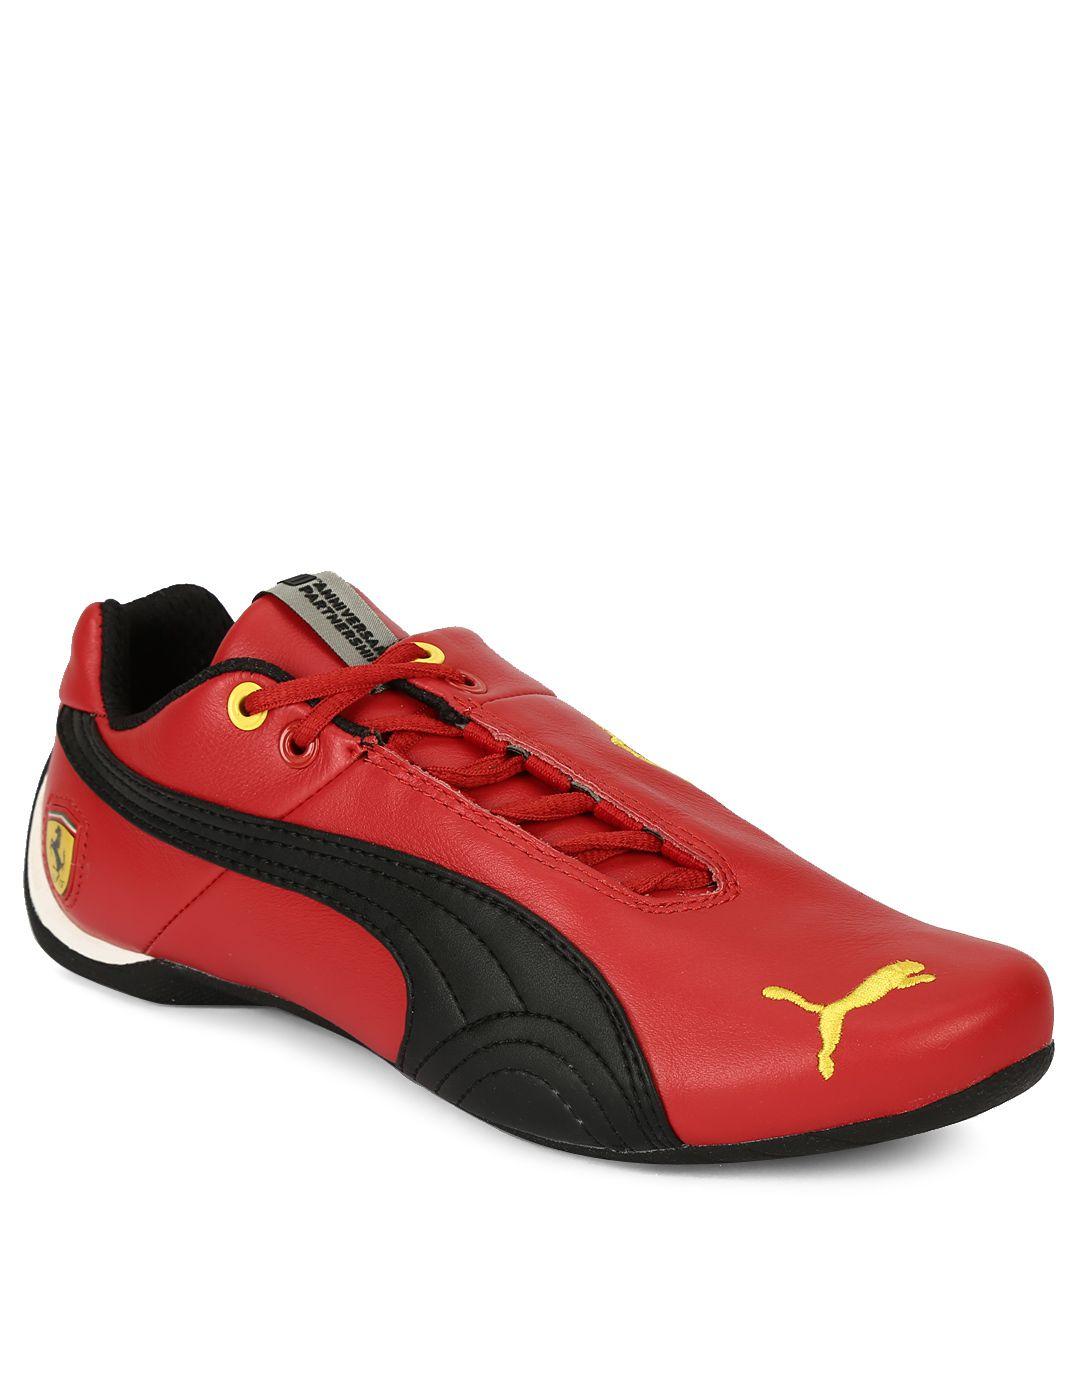 815d91e98882 Puma Red Ferrari Casual Shoes Price in India- Buy Puma Red Ferrari Casual  Shoes Online at Snapdeal